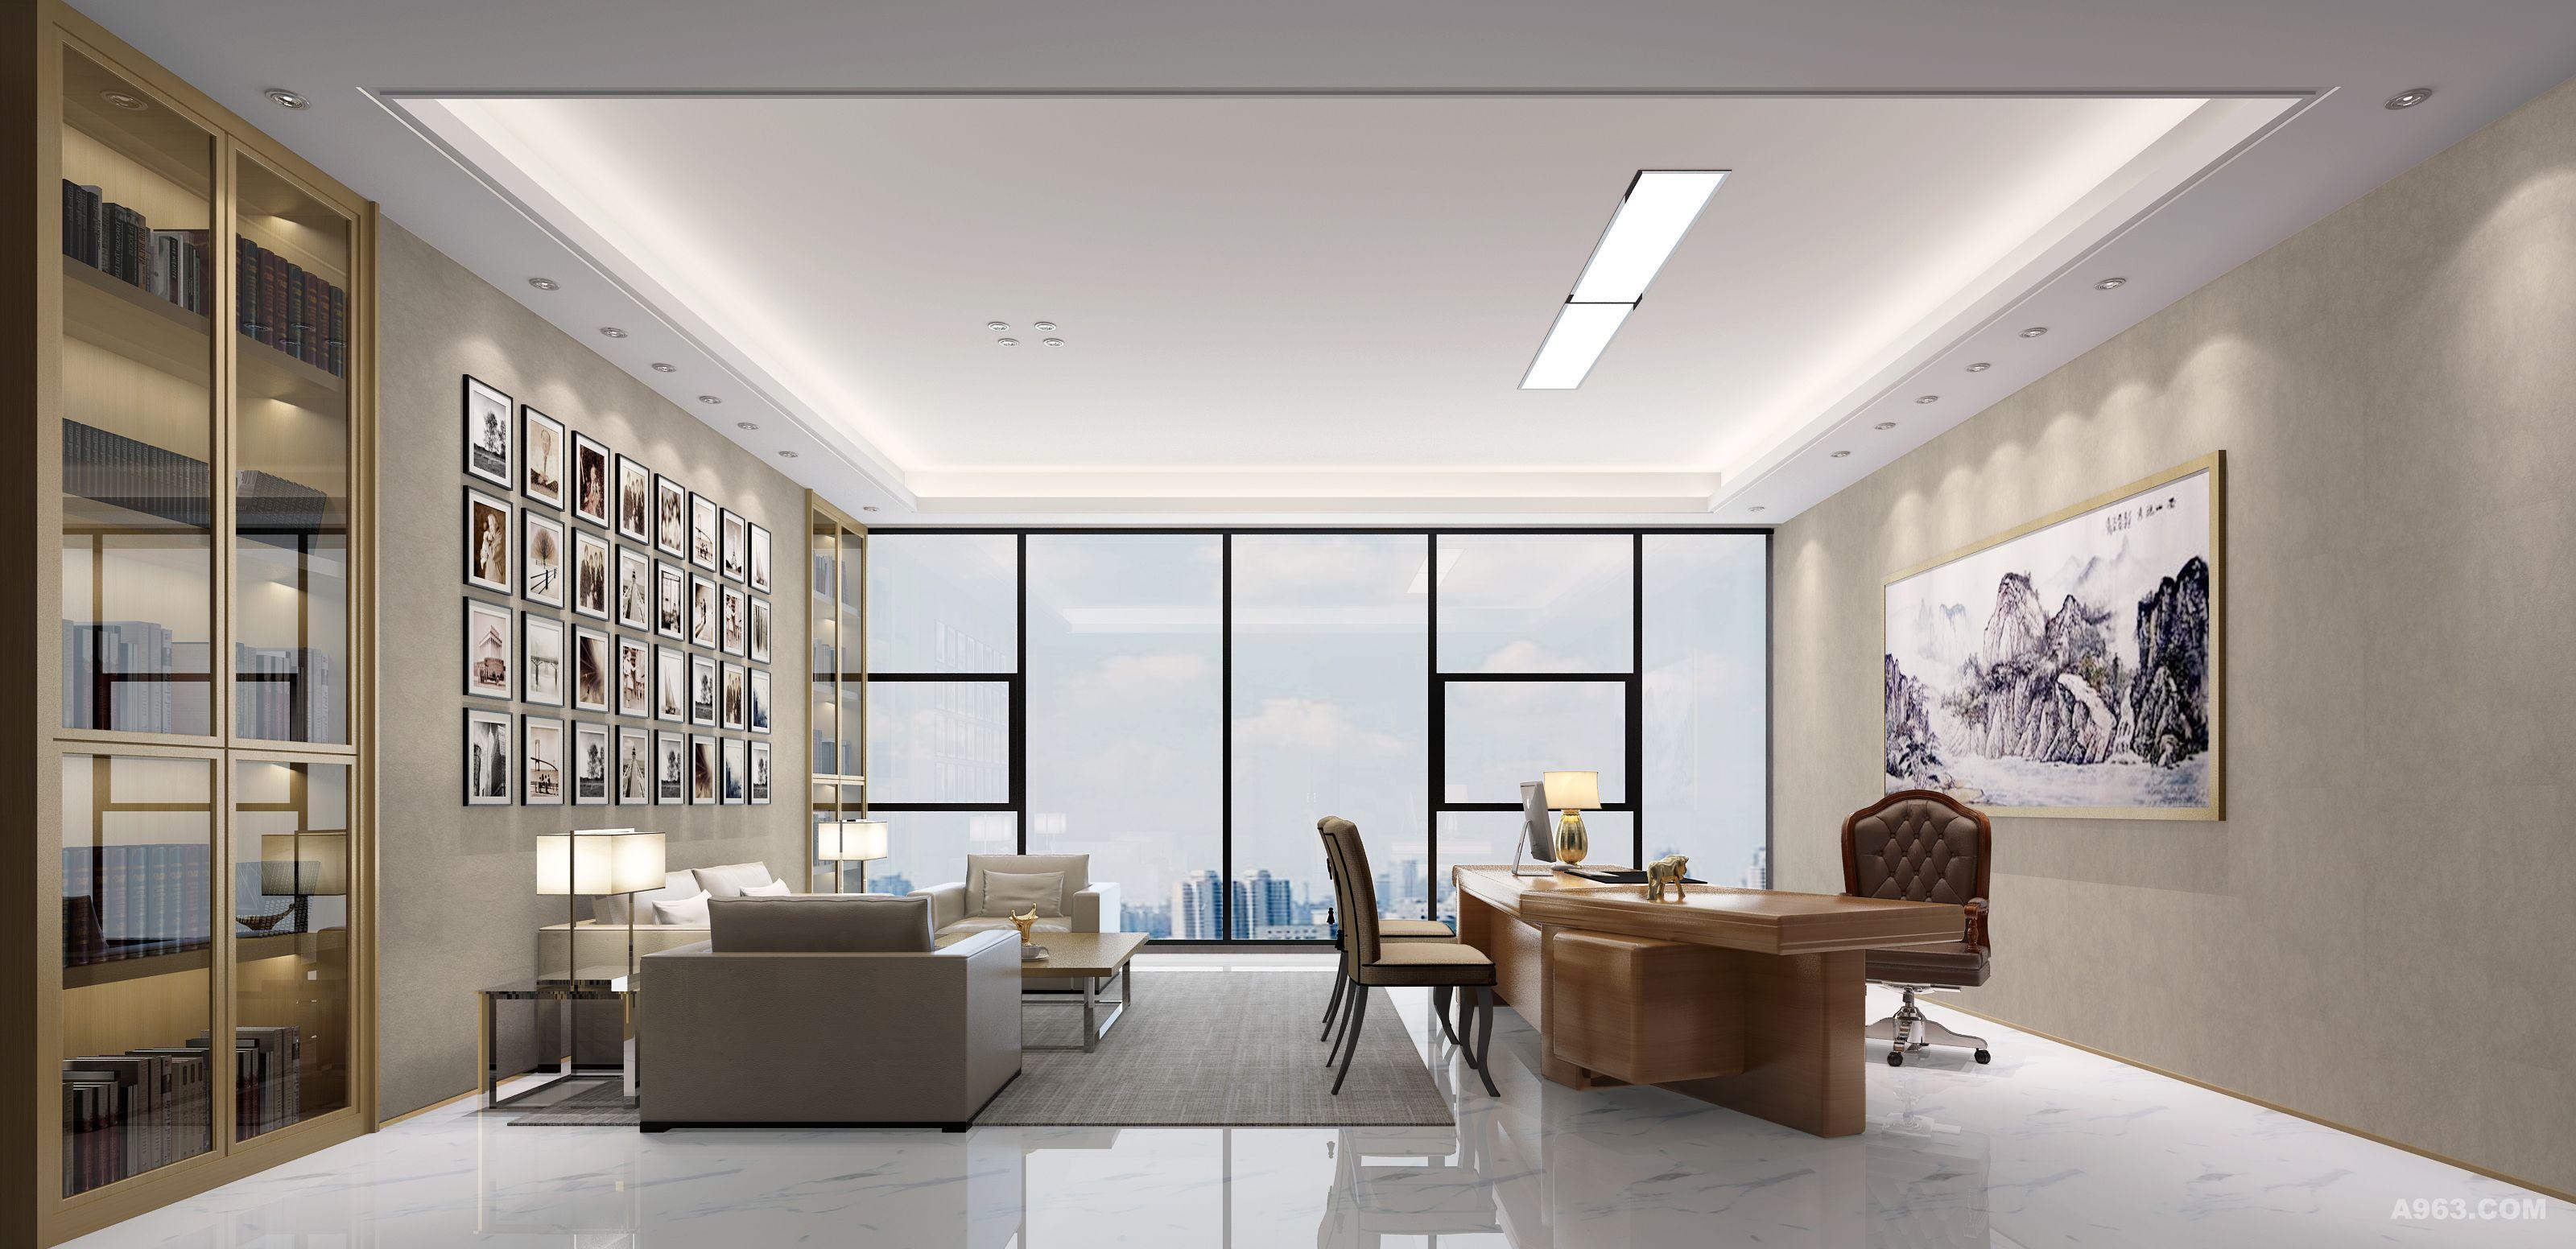 虎门港集团总部办公楼设计作品